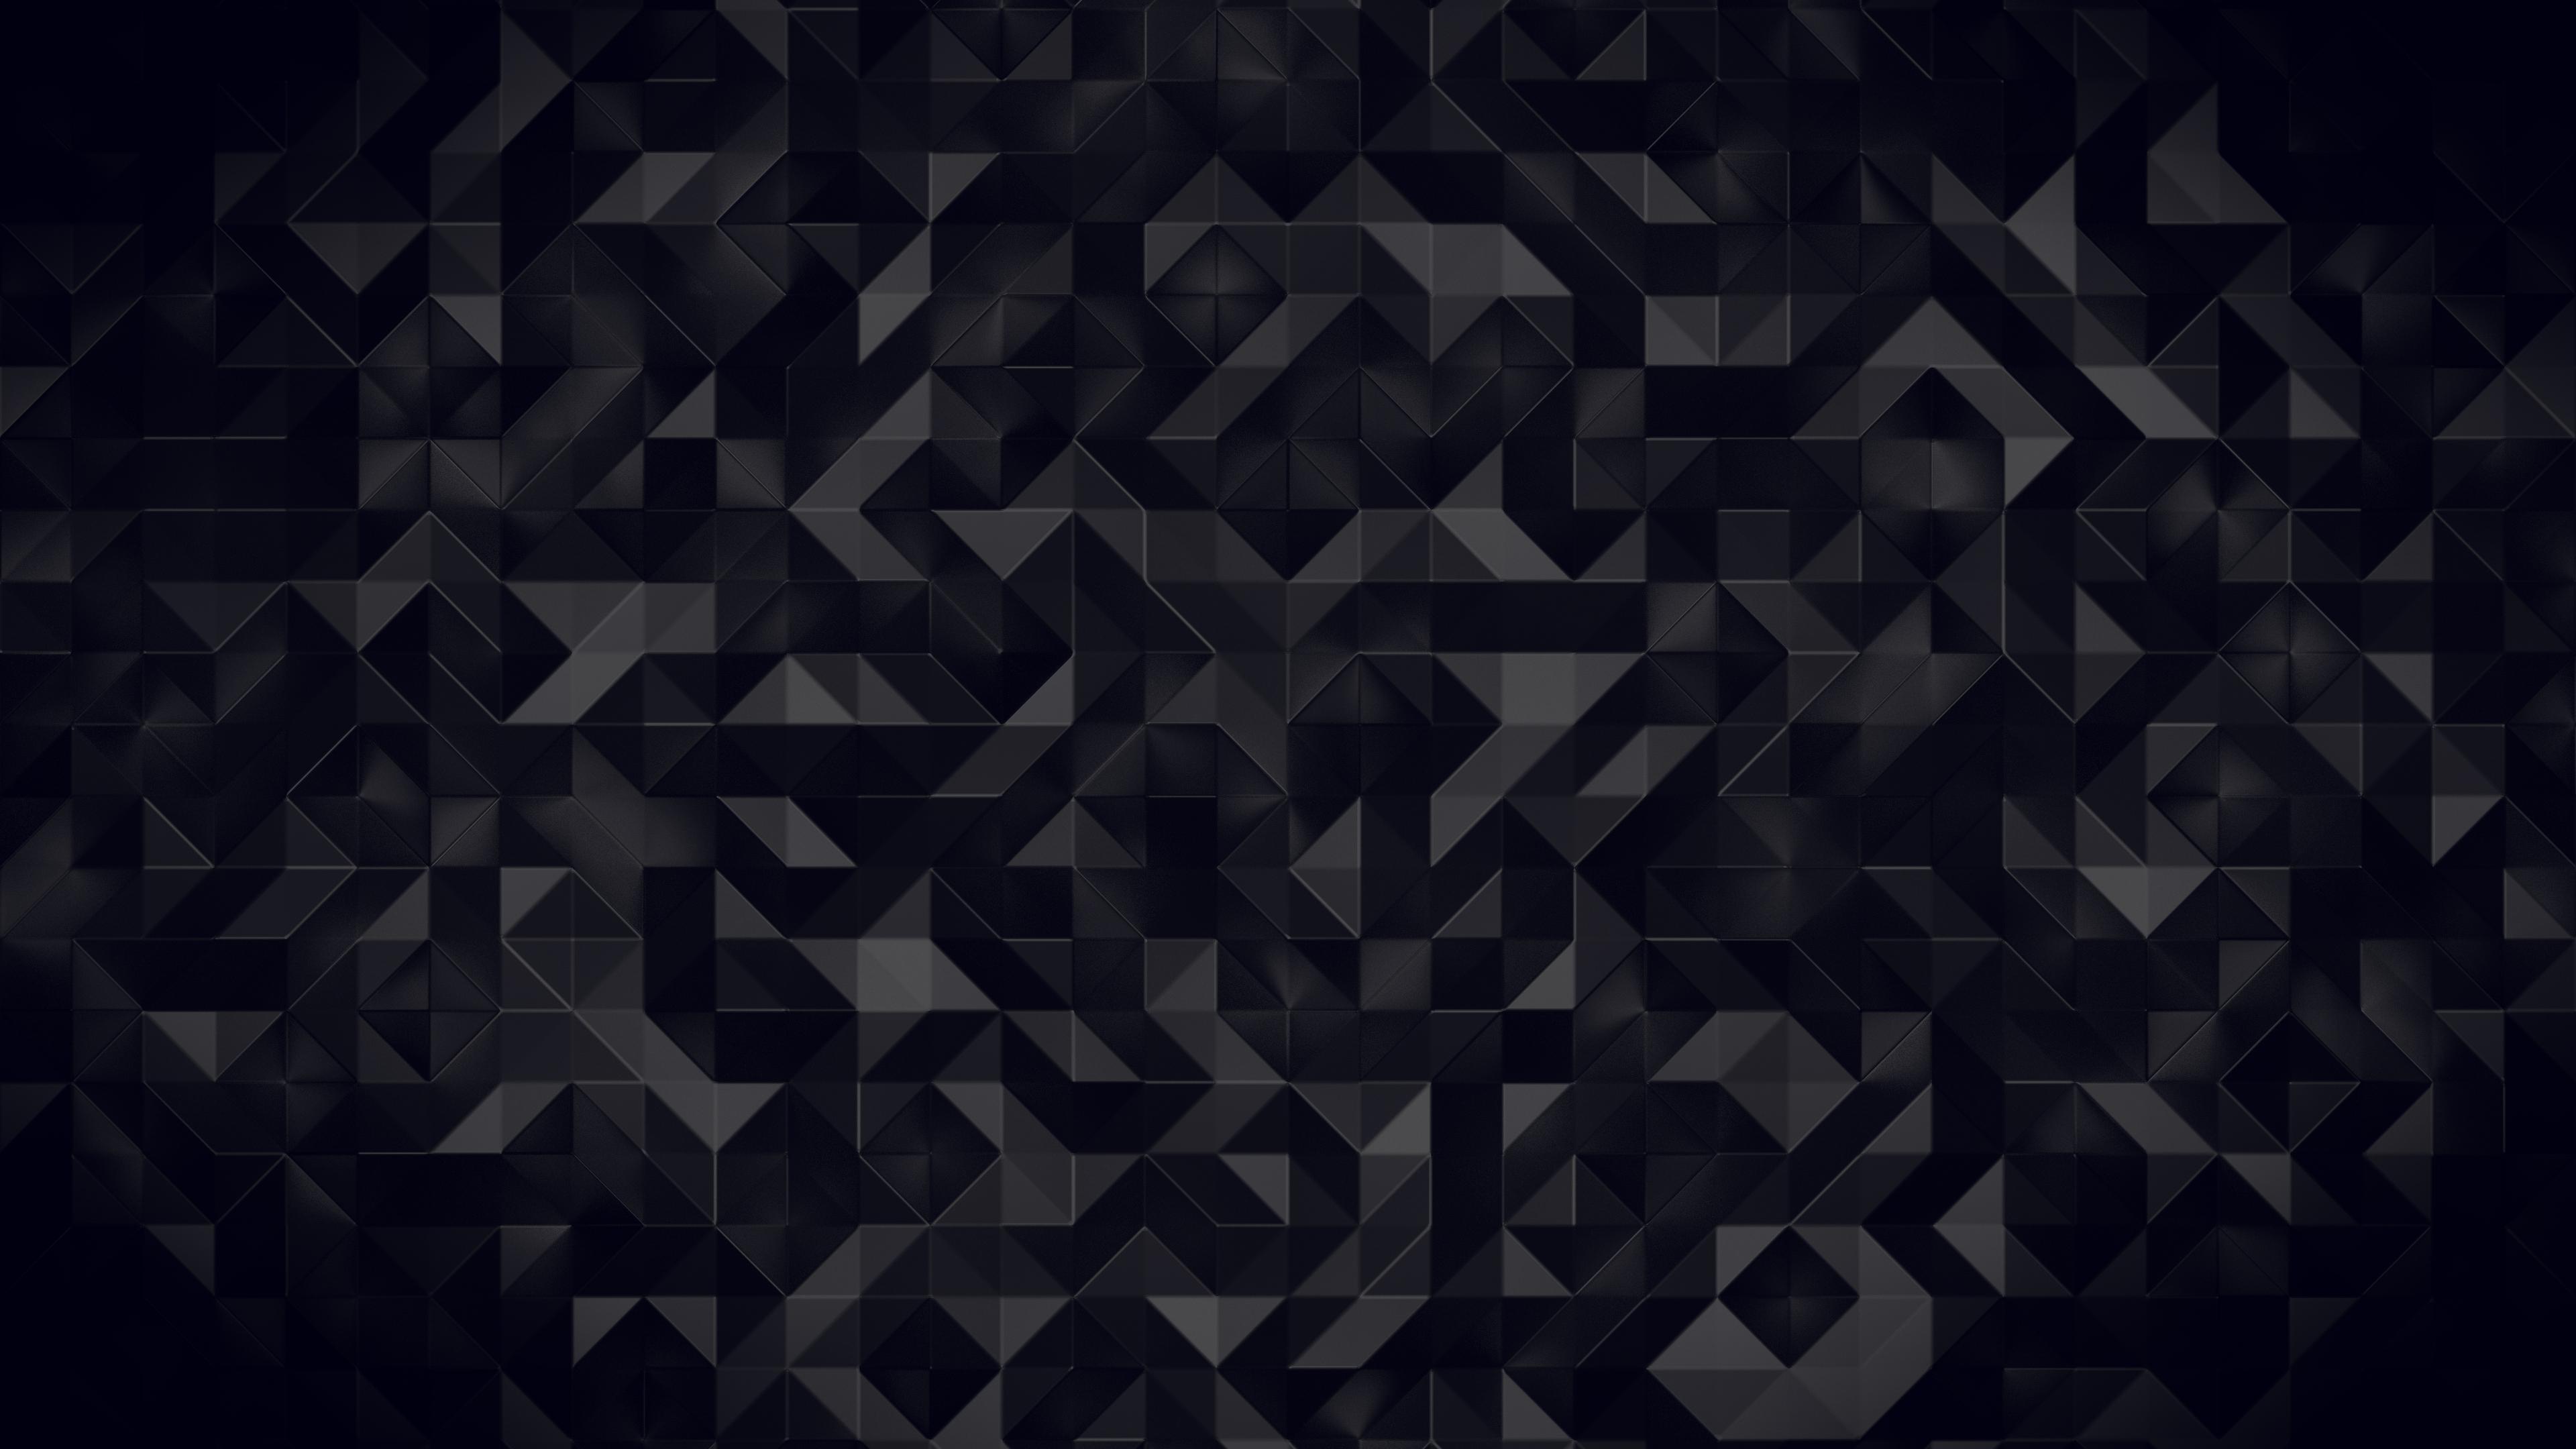 Треугольники тьмы обои скачать